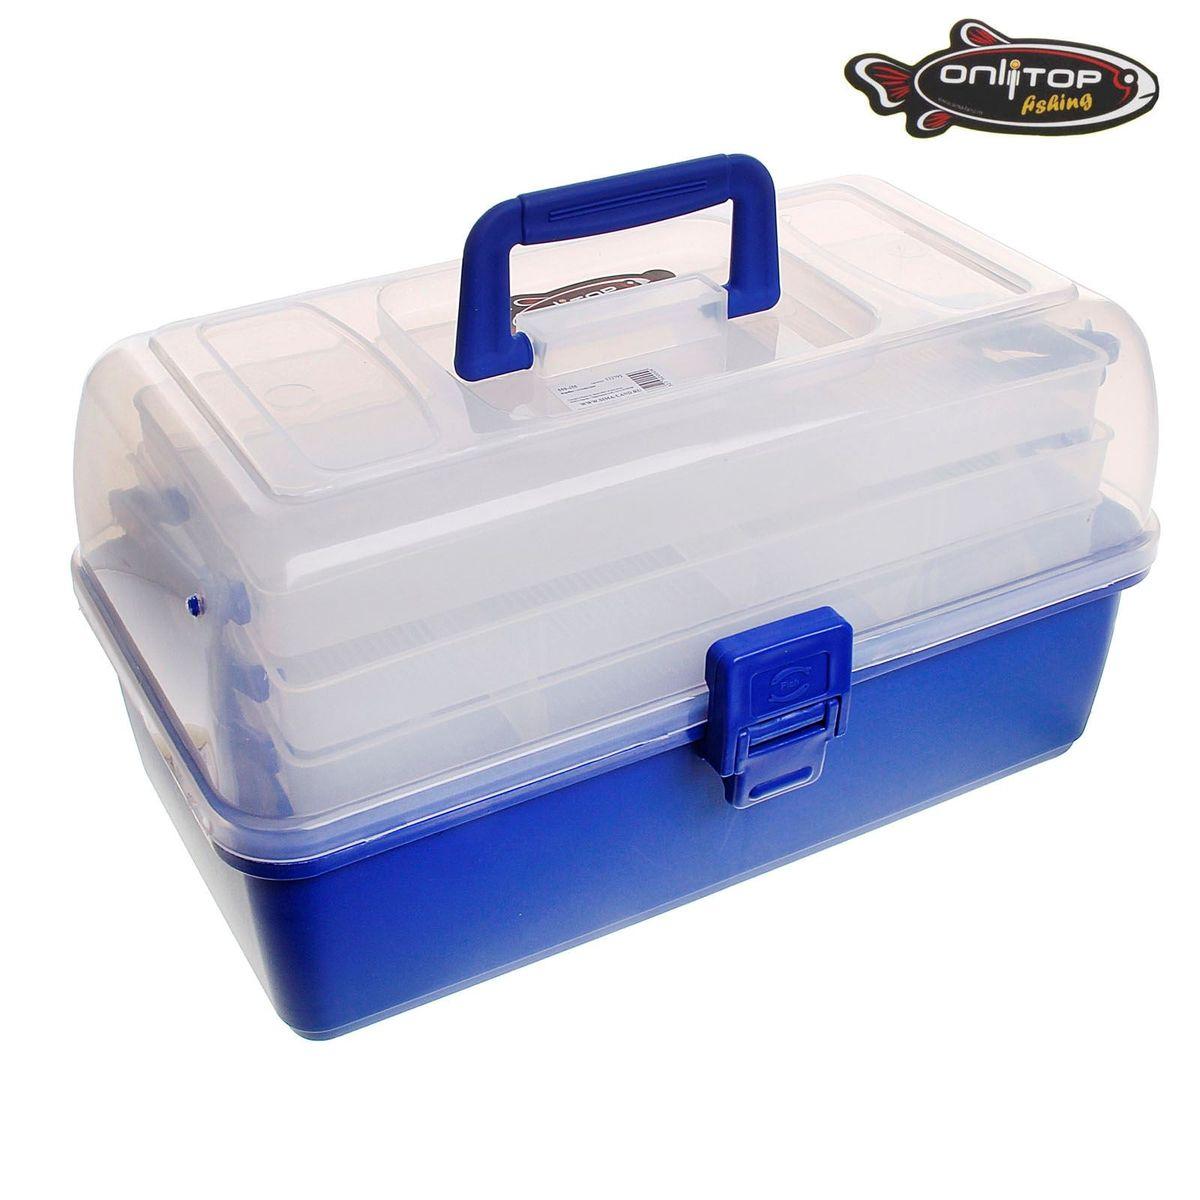 Коробка для крючков и насадок Onlitop, трехъярусная, цвет: синий, 17 х 34 х 20 смPGPS7797CIS08GBNVКоробки для крючков, как и другие аксессуары для рыбалки, помогут сделать процесс подготовки к самой рыбной ловле максимально удобным. Сегодня мы можем предложить всем нашим посетителям такие коробки для крючков, которые идеально подойдут в любое время года, для любого типа рыбалки и помогут вовремя отыскать среди всех снастей именно те, которые необходимы на данный момент.